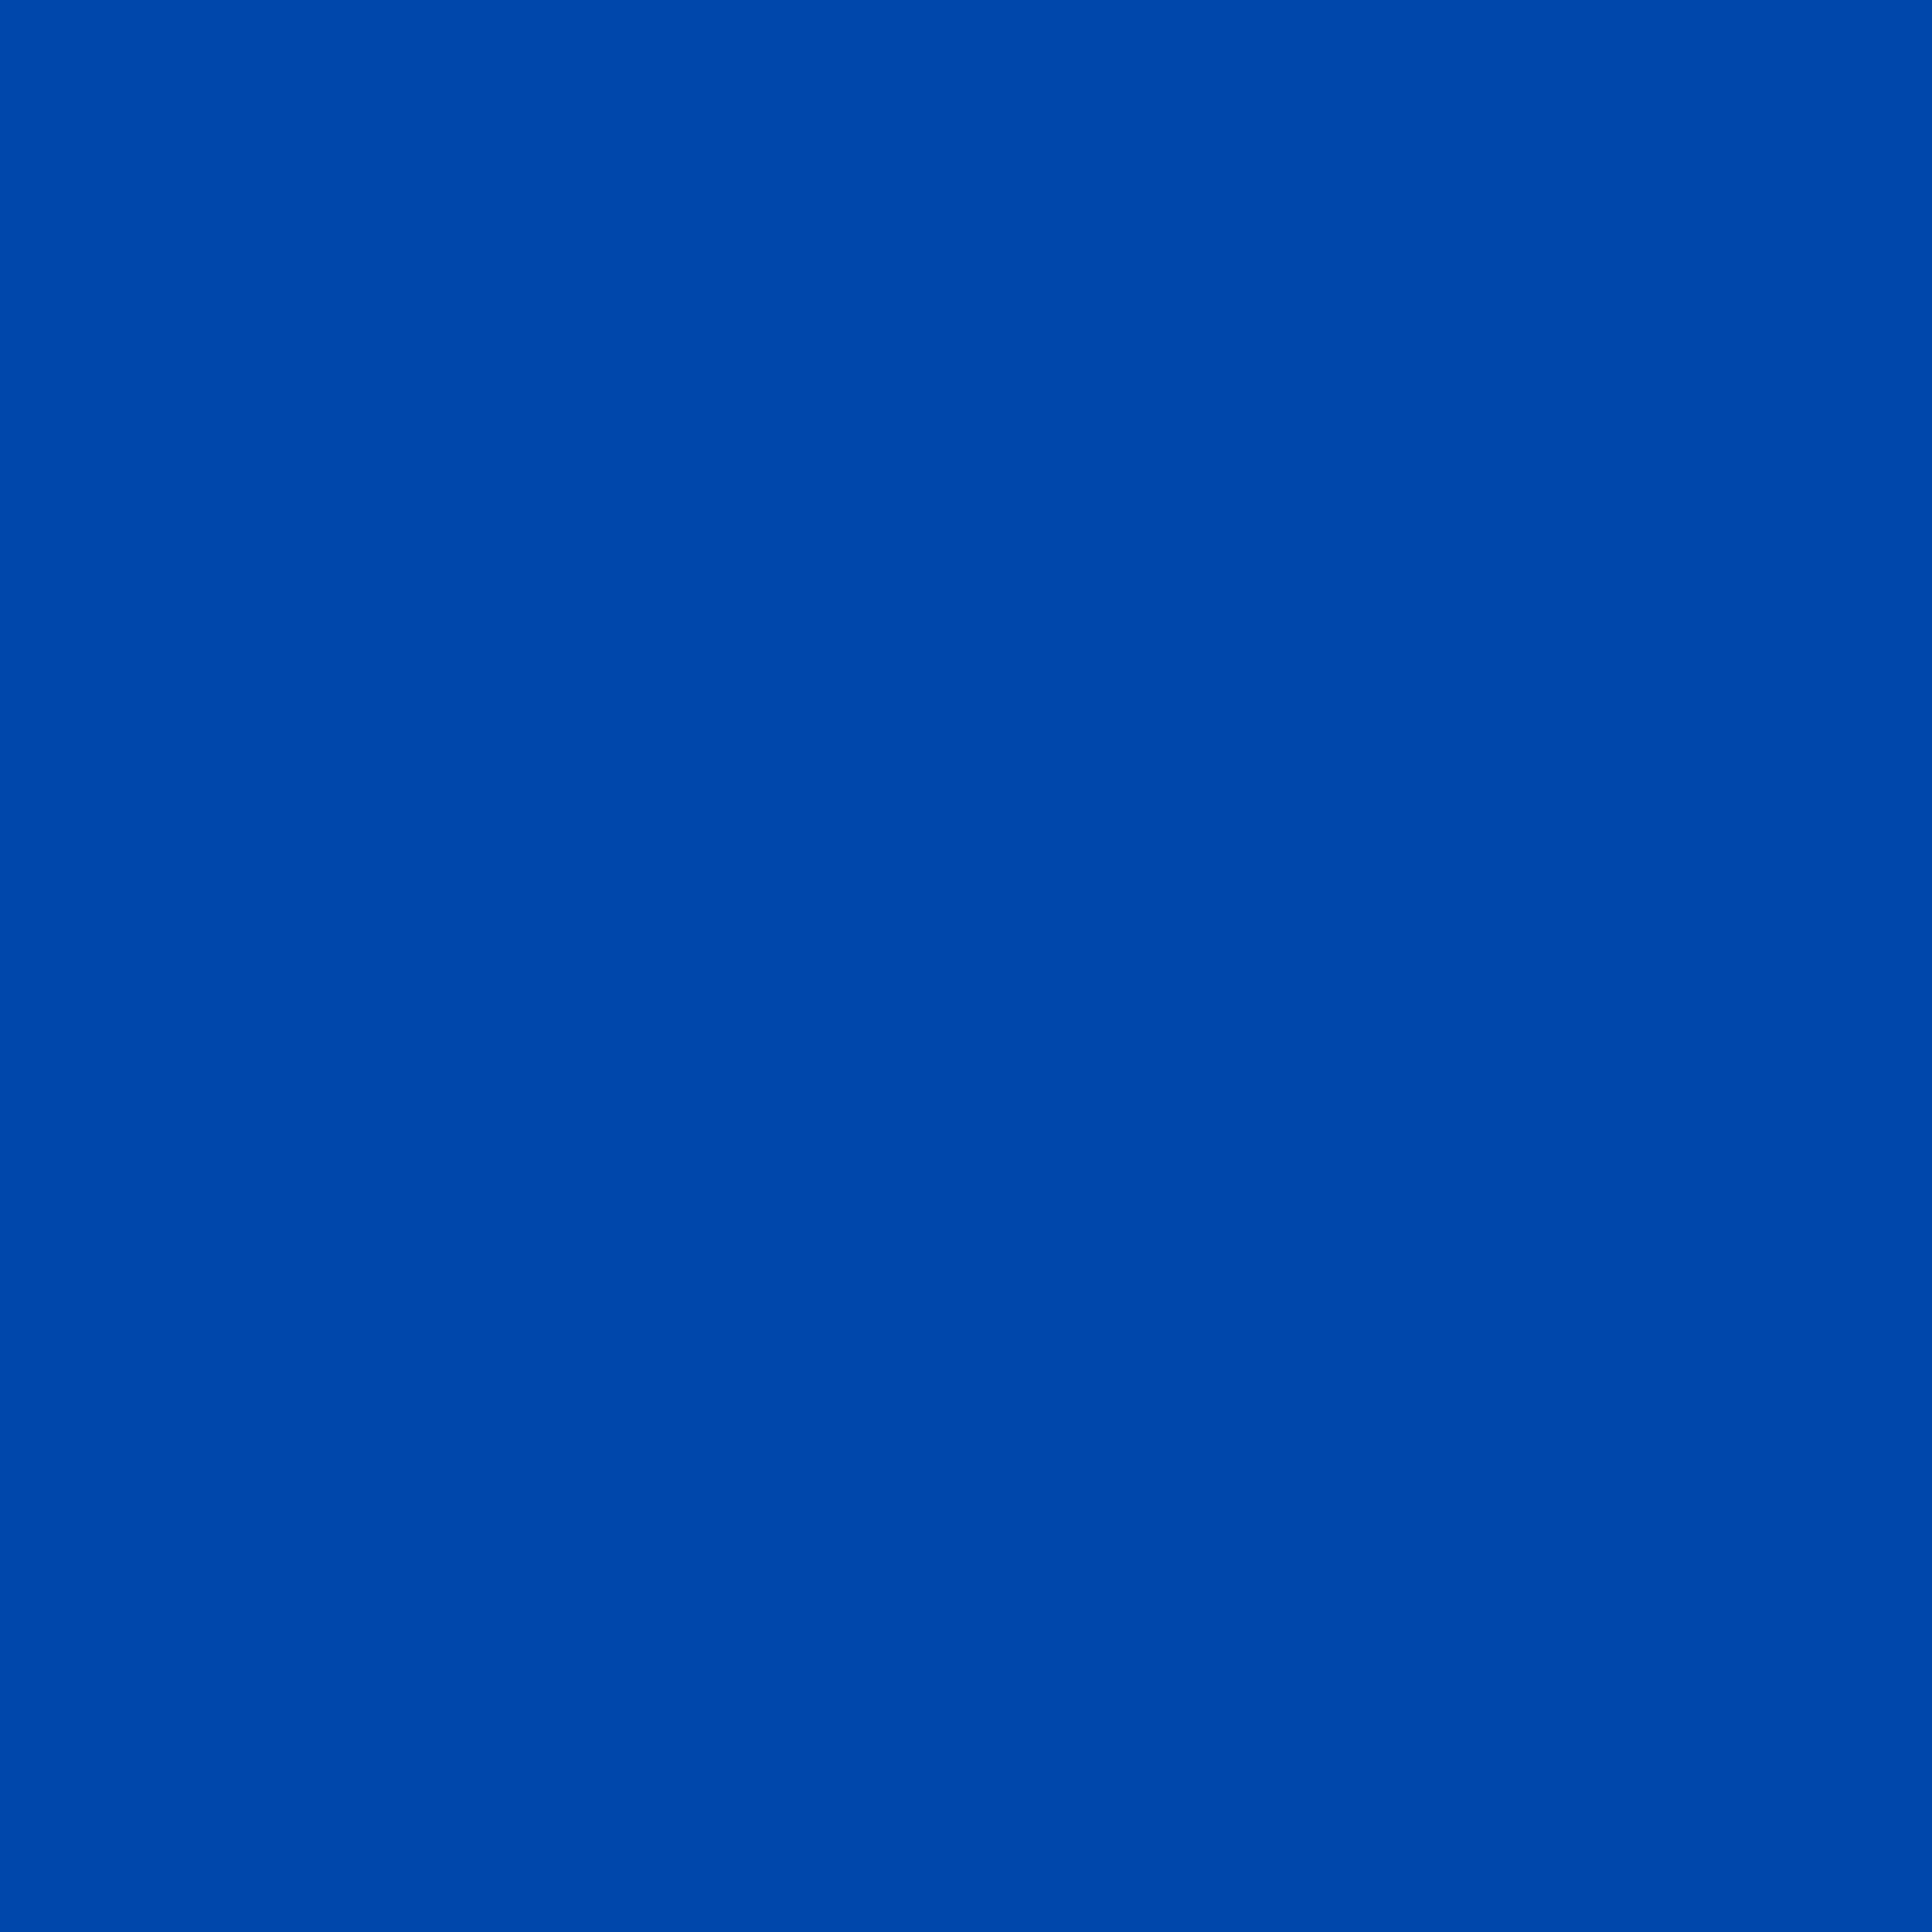 2732x2732 Cobalt Solid Color Background